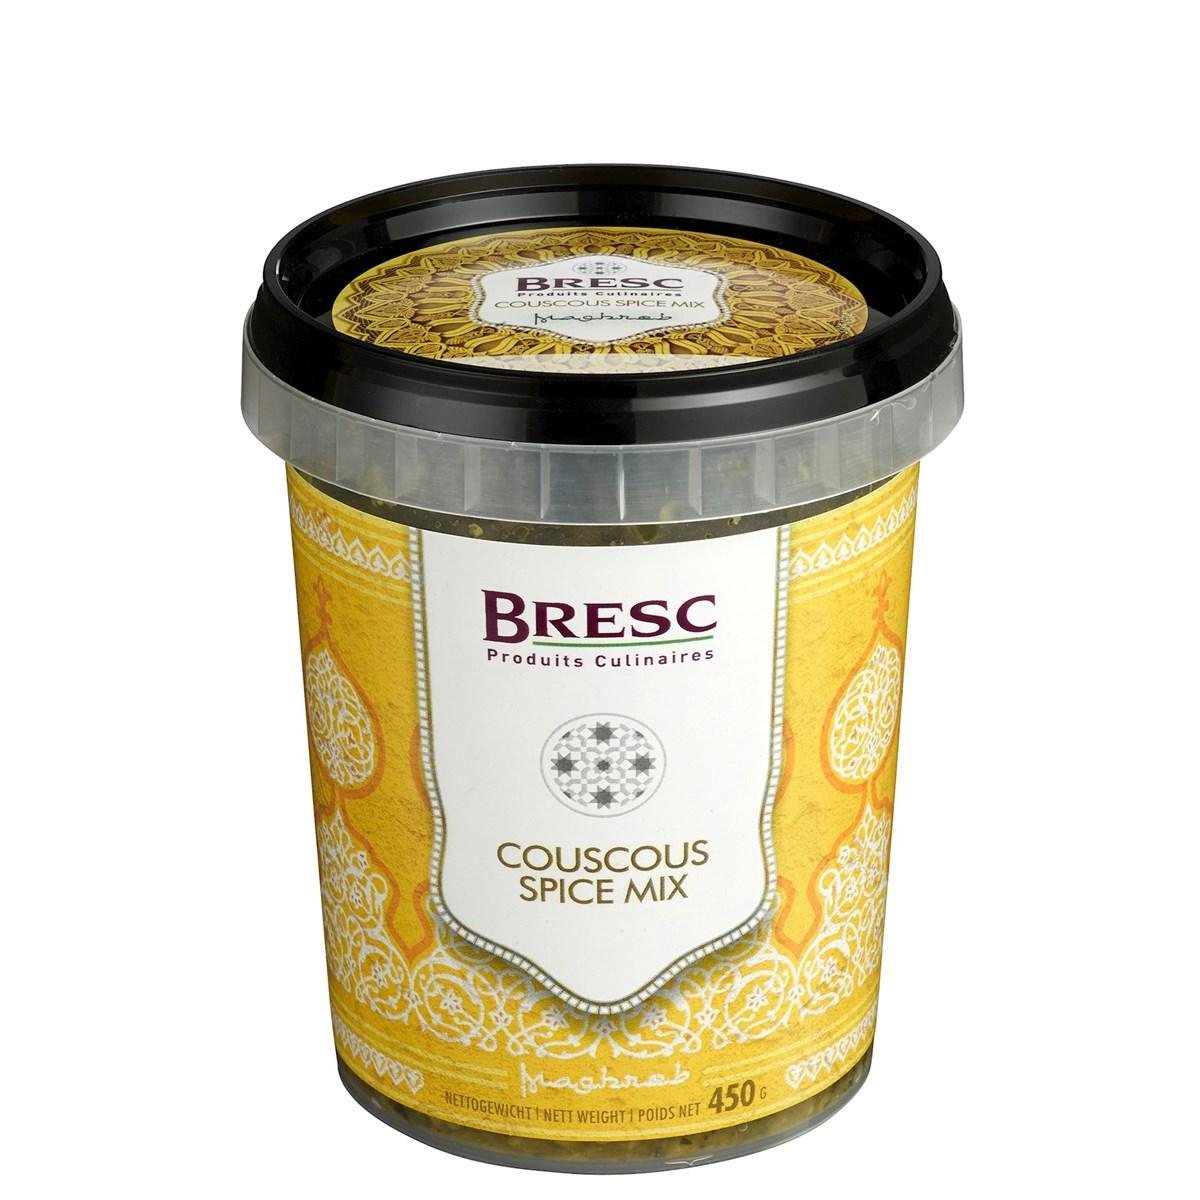 Couscous spice mix 450g